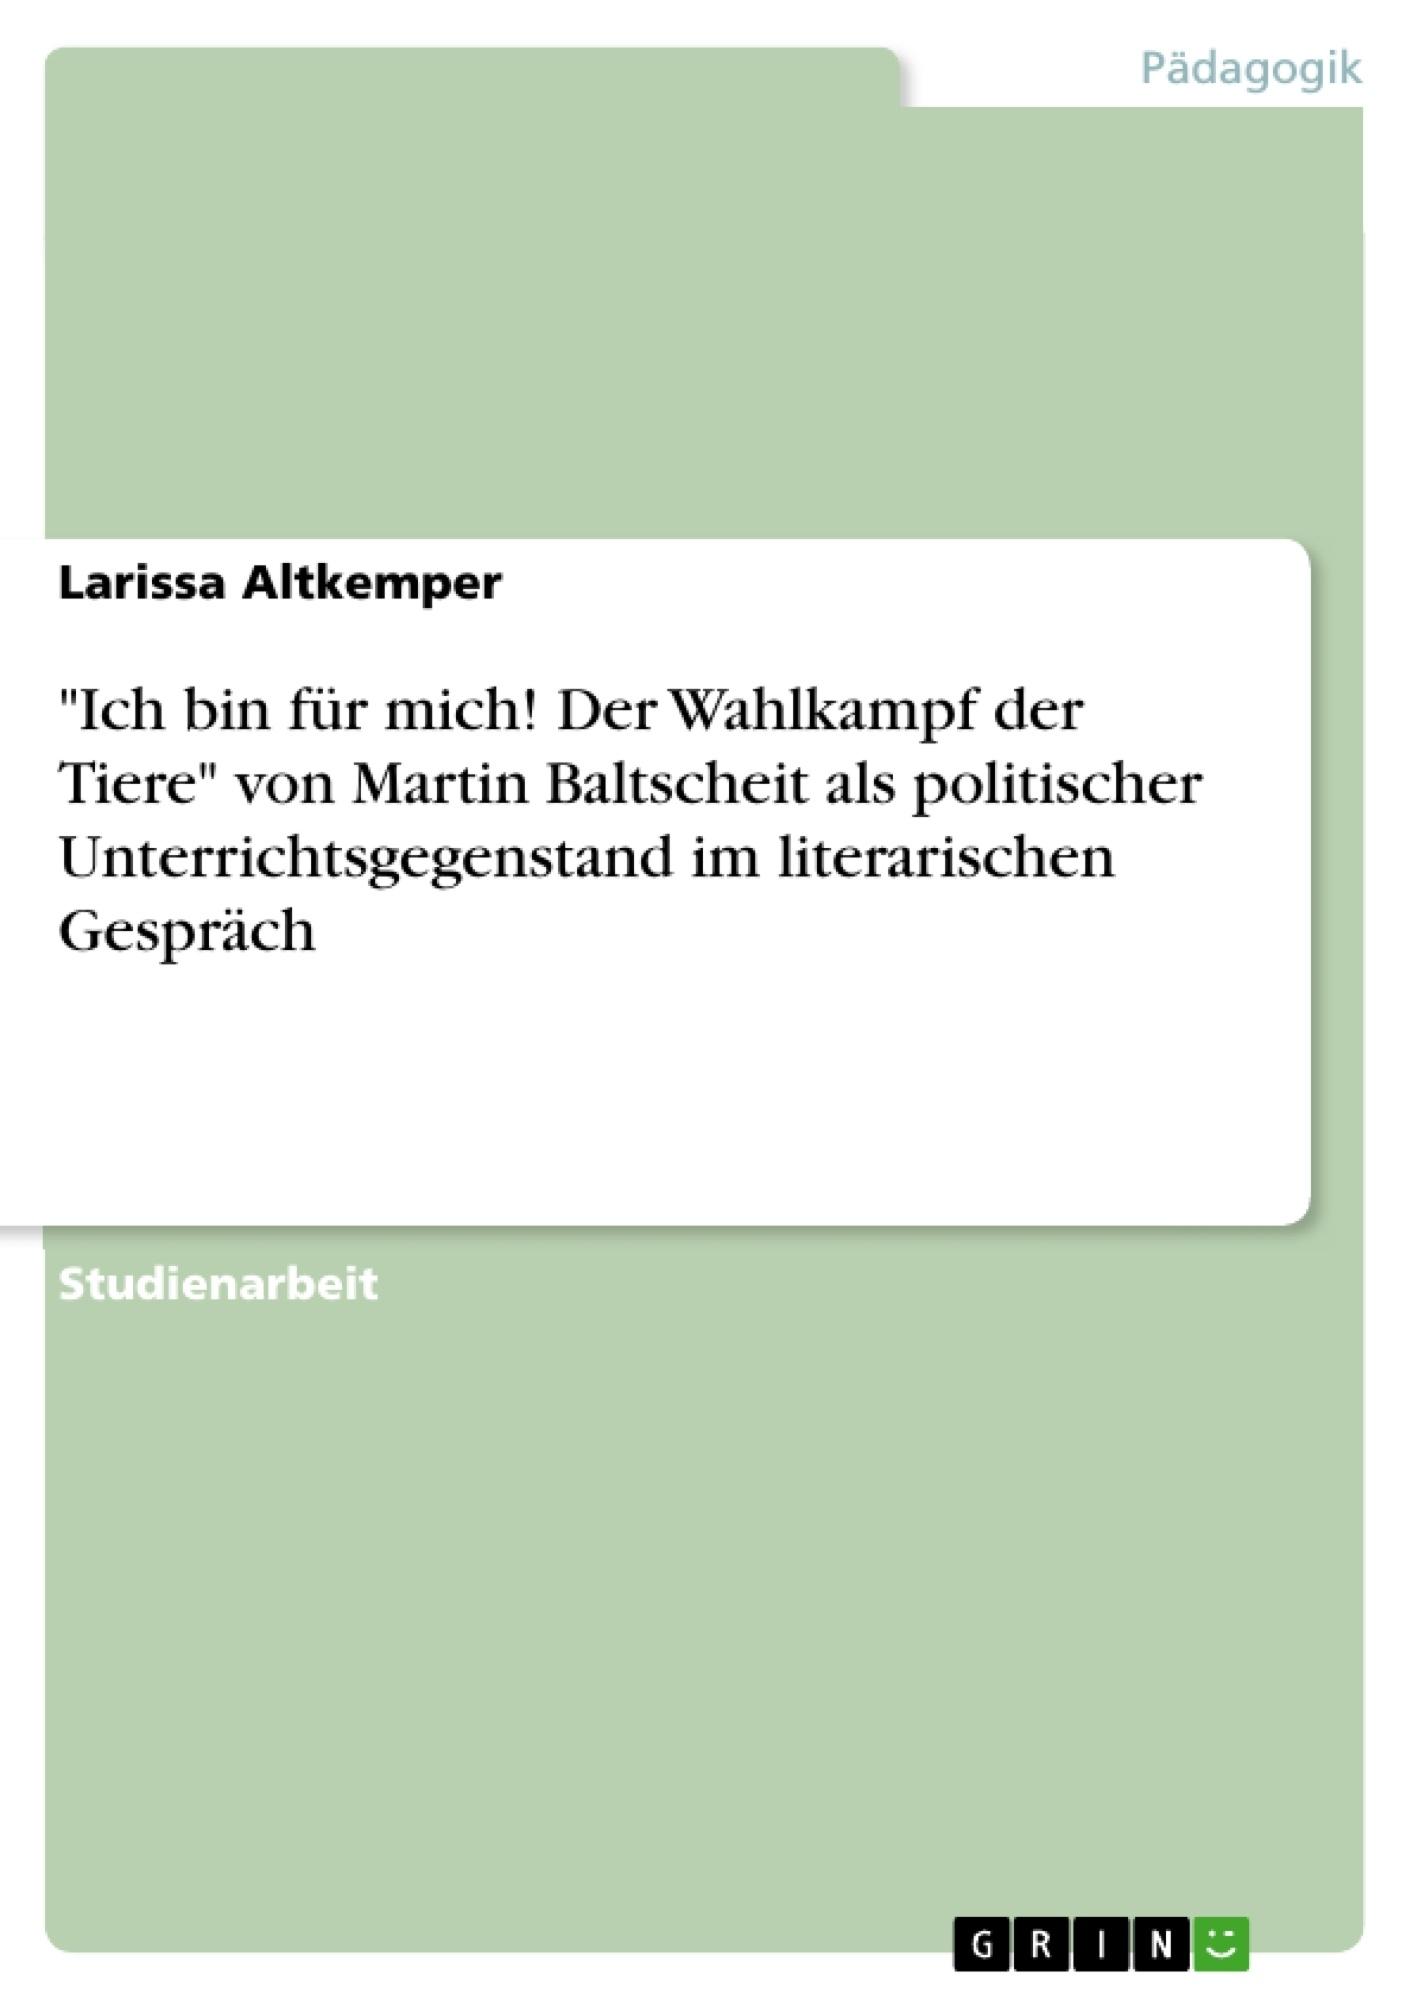 """Titel: """"Ich bin für mich! Der Wahlkampf der Tiere"""" von Martin Baltscheit als politischer Unterrichtsgegenstand im literarischen Gespräch"""